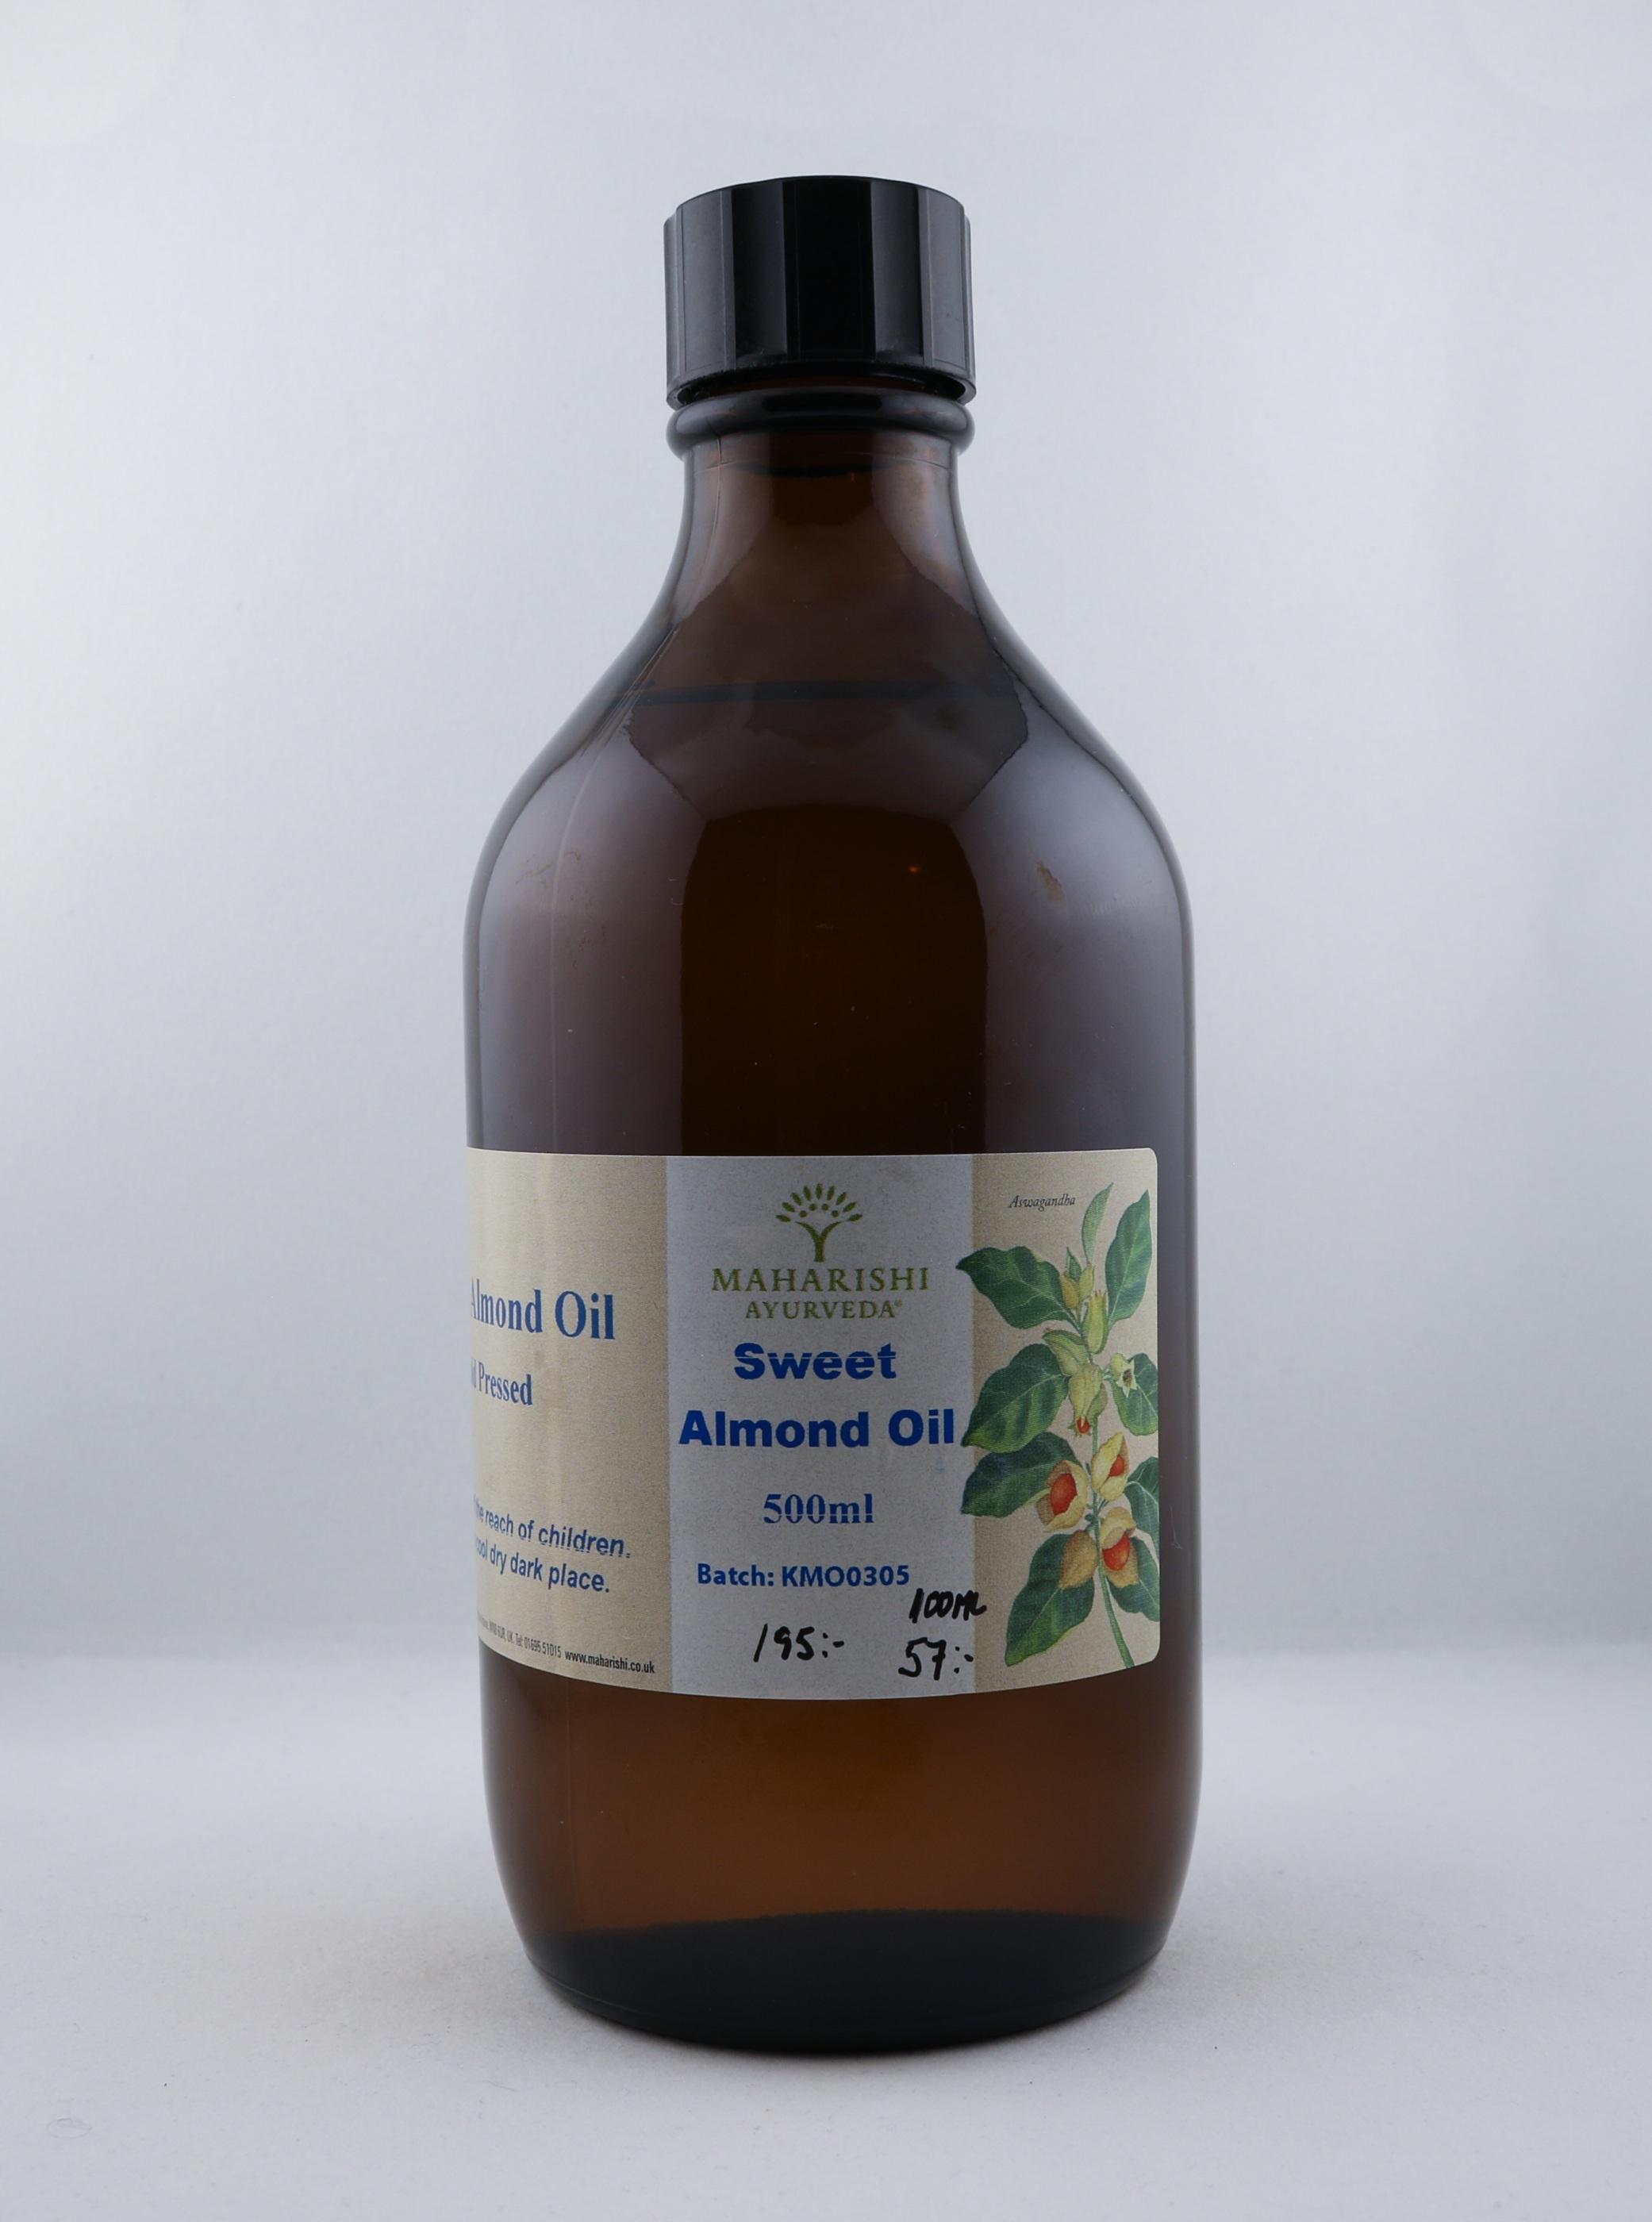 Söt mandel olja wellness ayurveda halmstad sweden svensk massage olja